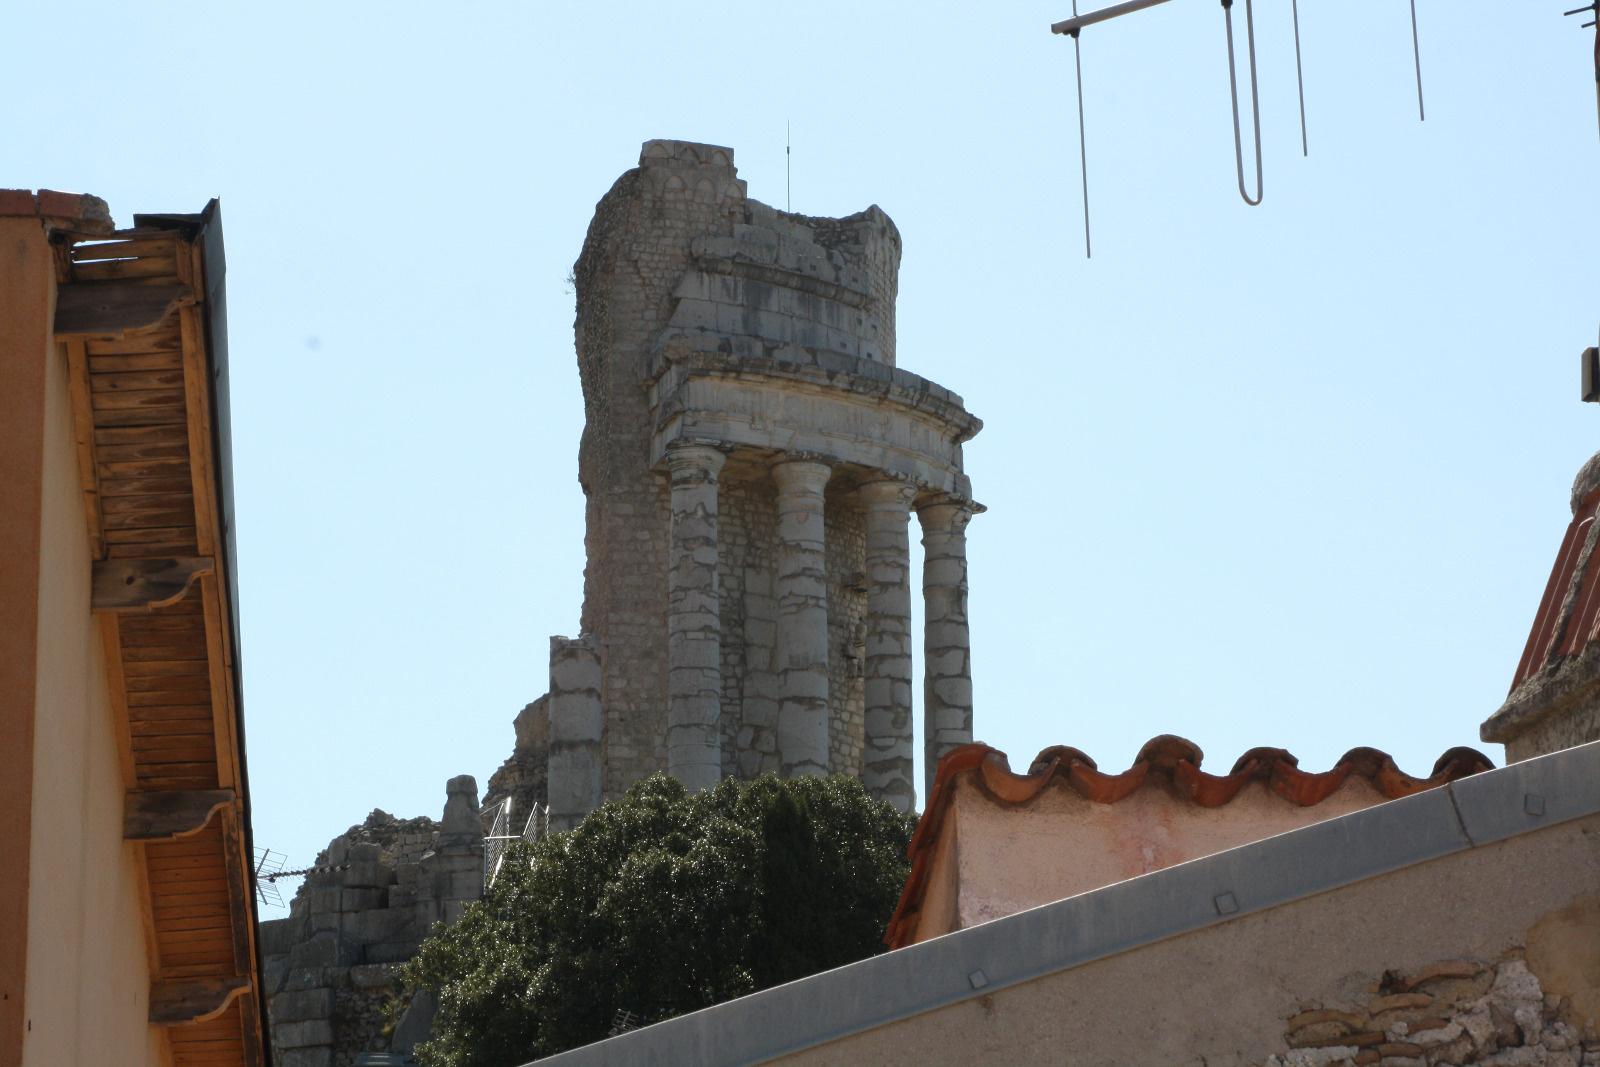 Creer Une Terrasse Tropezienne belle maison de village en pierre avec terrasse tropezienne avec cave